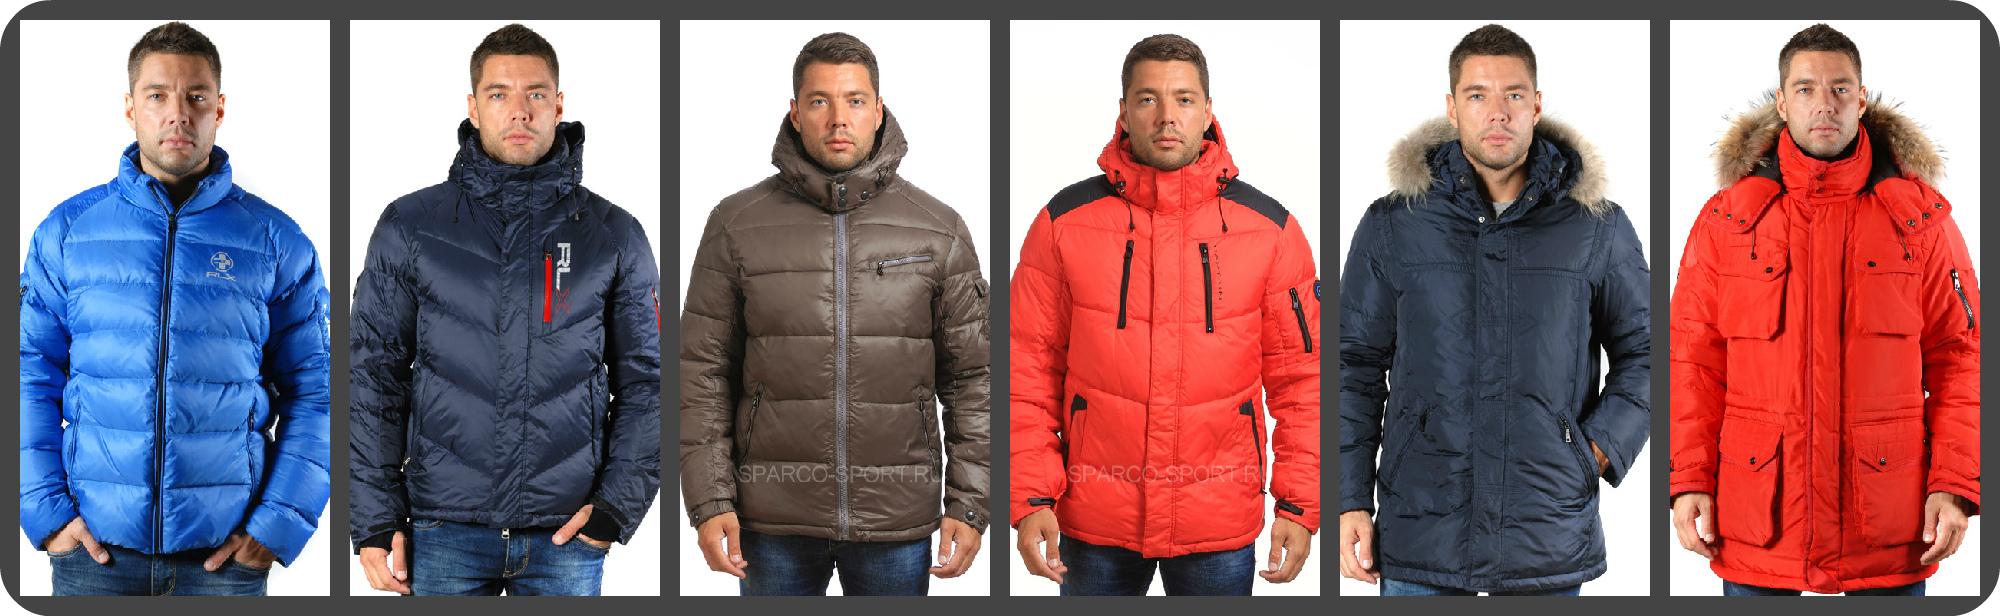 Сбор заказов. Распродажа отличных мужских осенних курток , ветровок и пуховичков Sparco. . Также есть новые коллекции